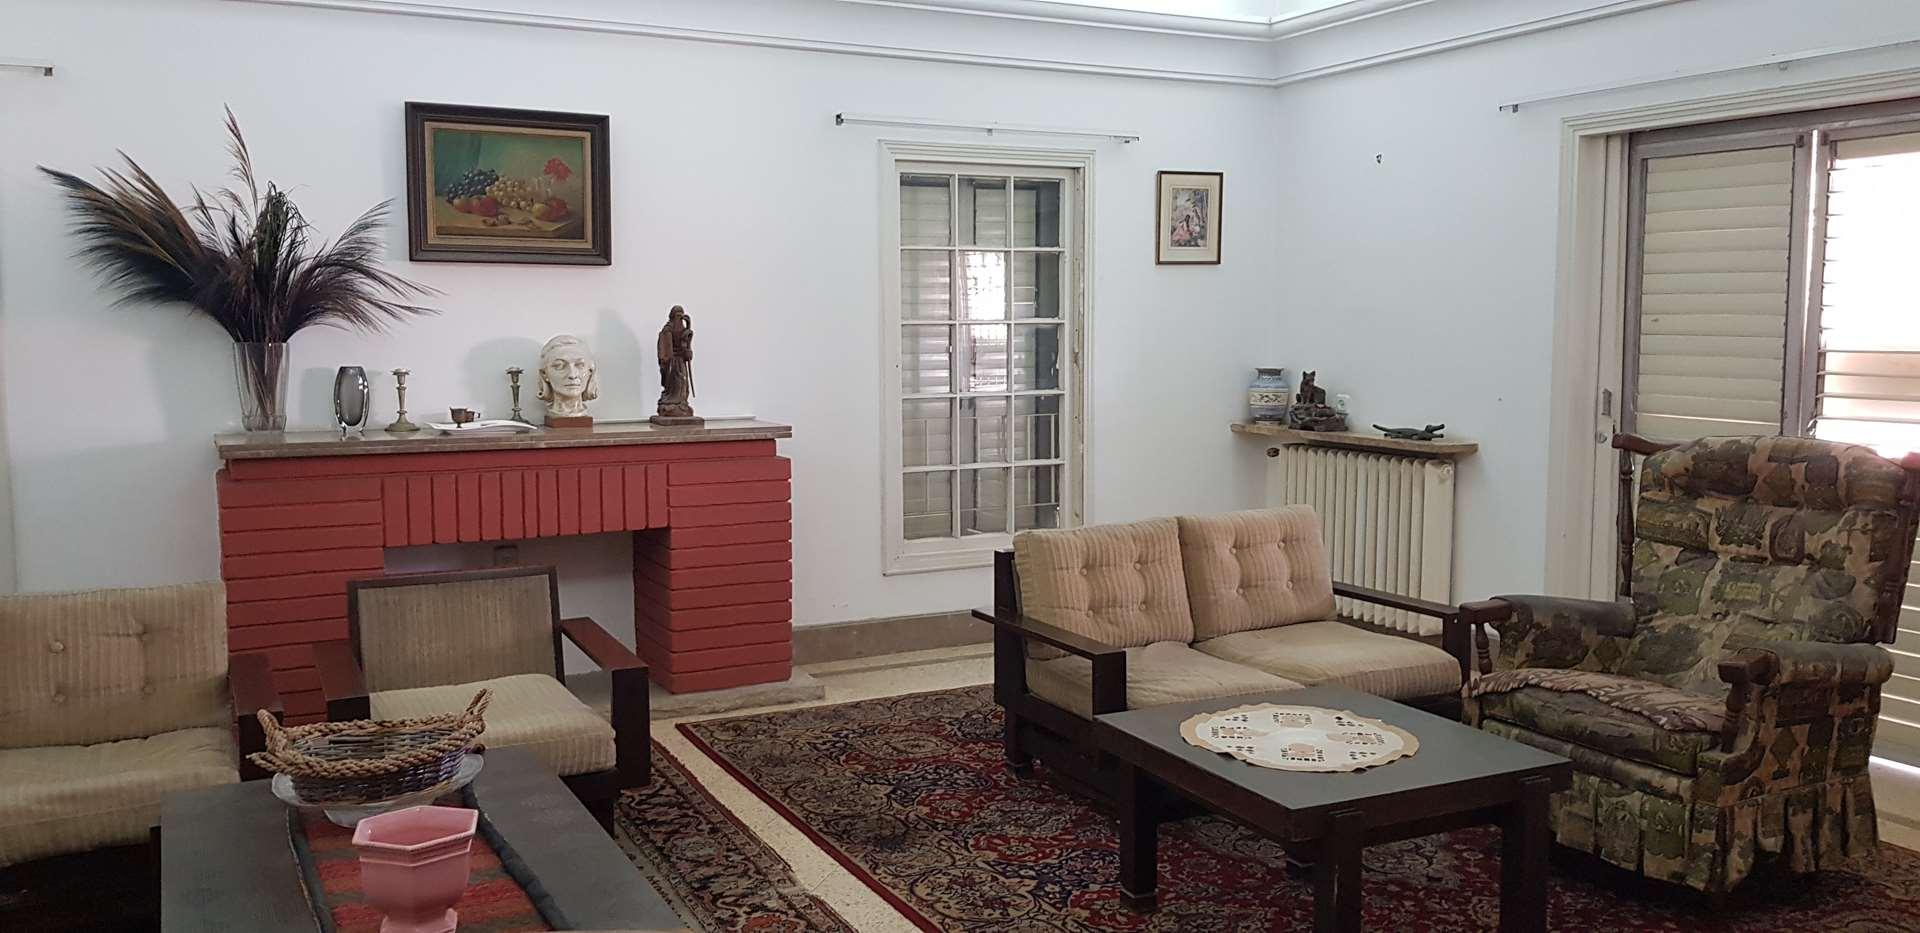 בית פרטי למכירה 10 חדרים ברמת גן הגלגל